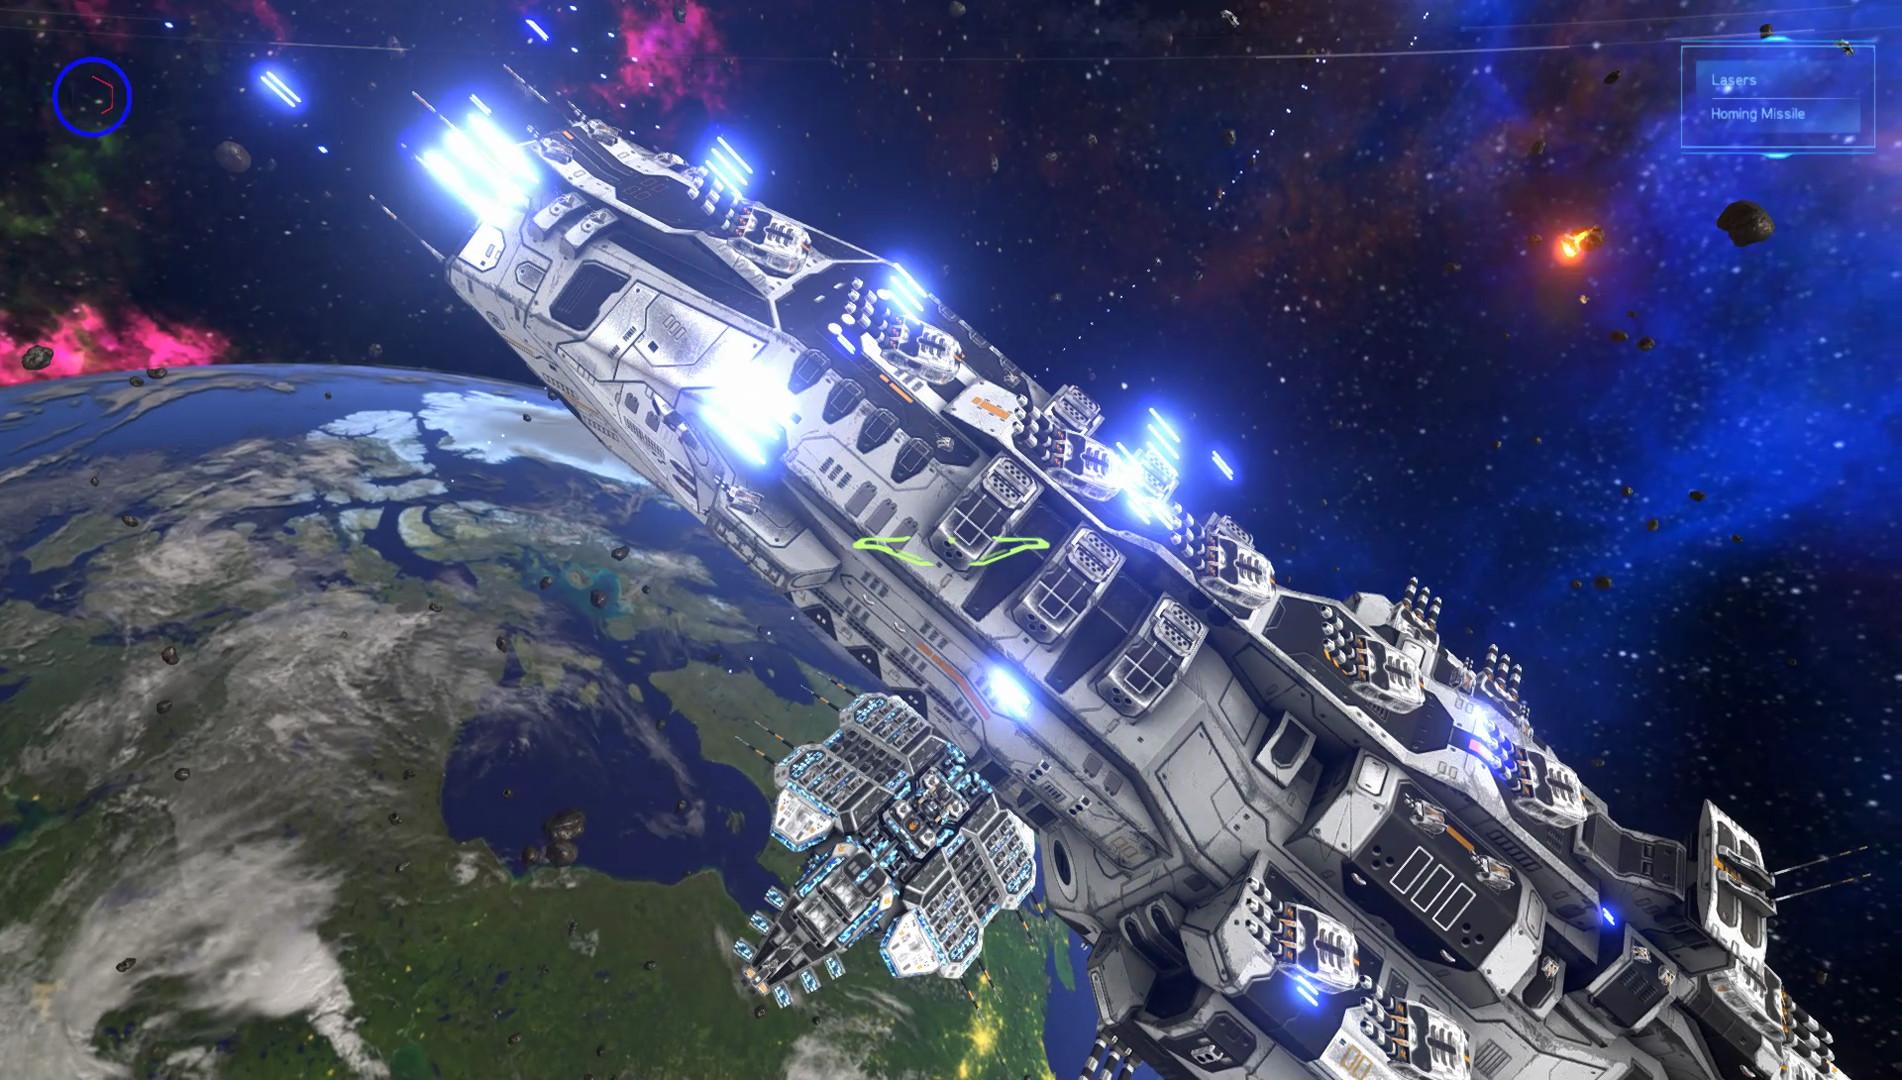 射星争夺战 游戏截图